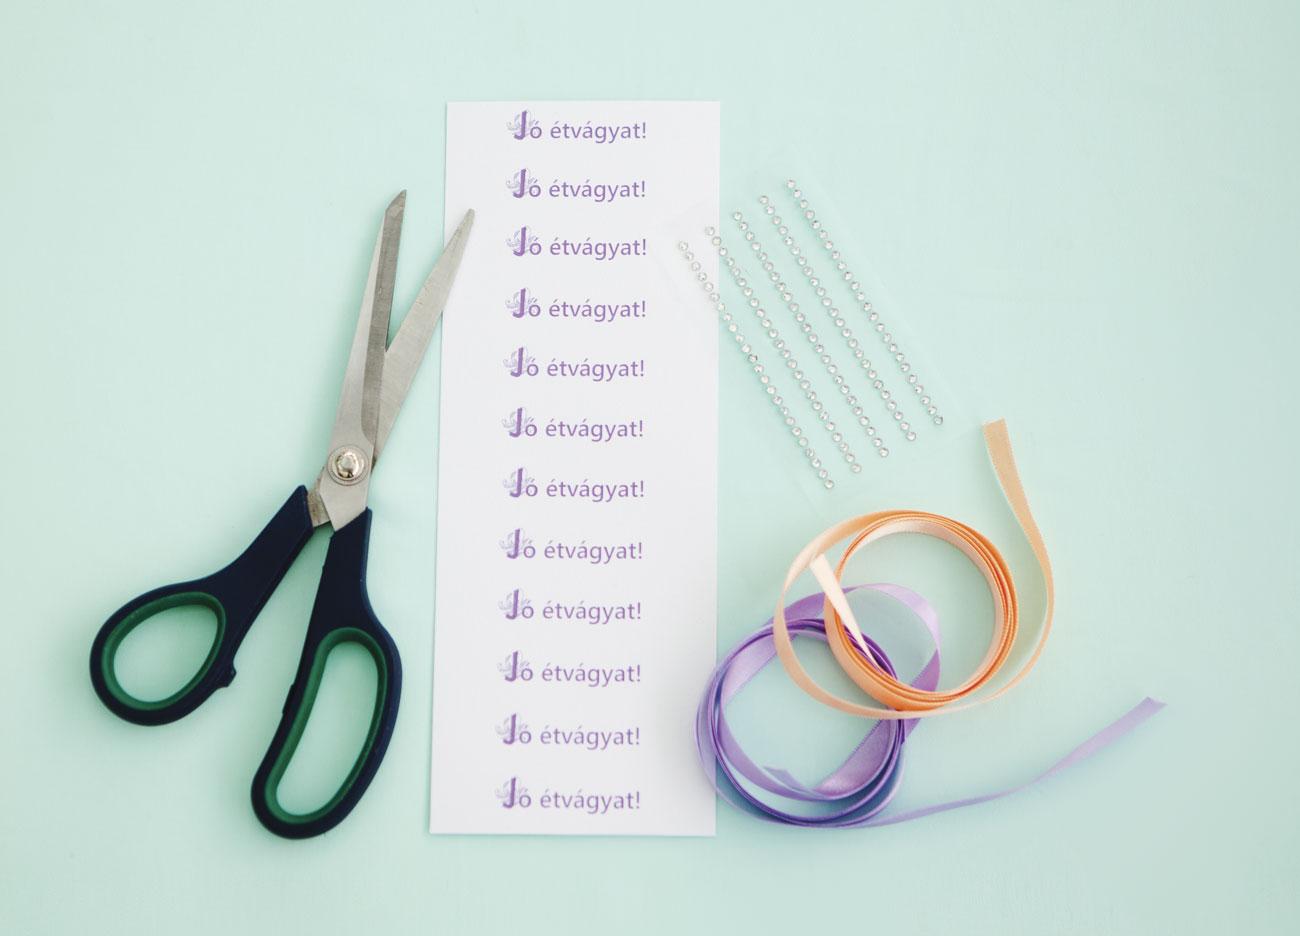 DIY szalvétadekor, Esküvői DIY: egyedi szalvétadekoráció, amelyet saját kezűleg is elkészíthetsz!